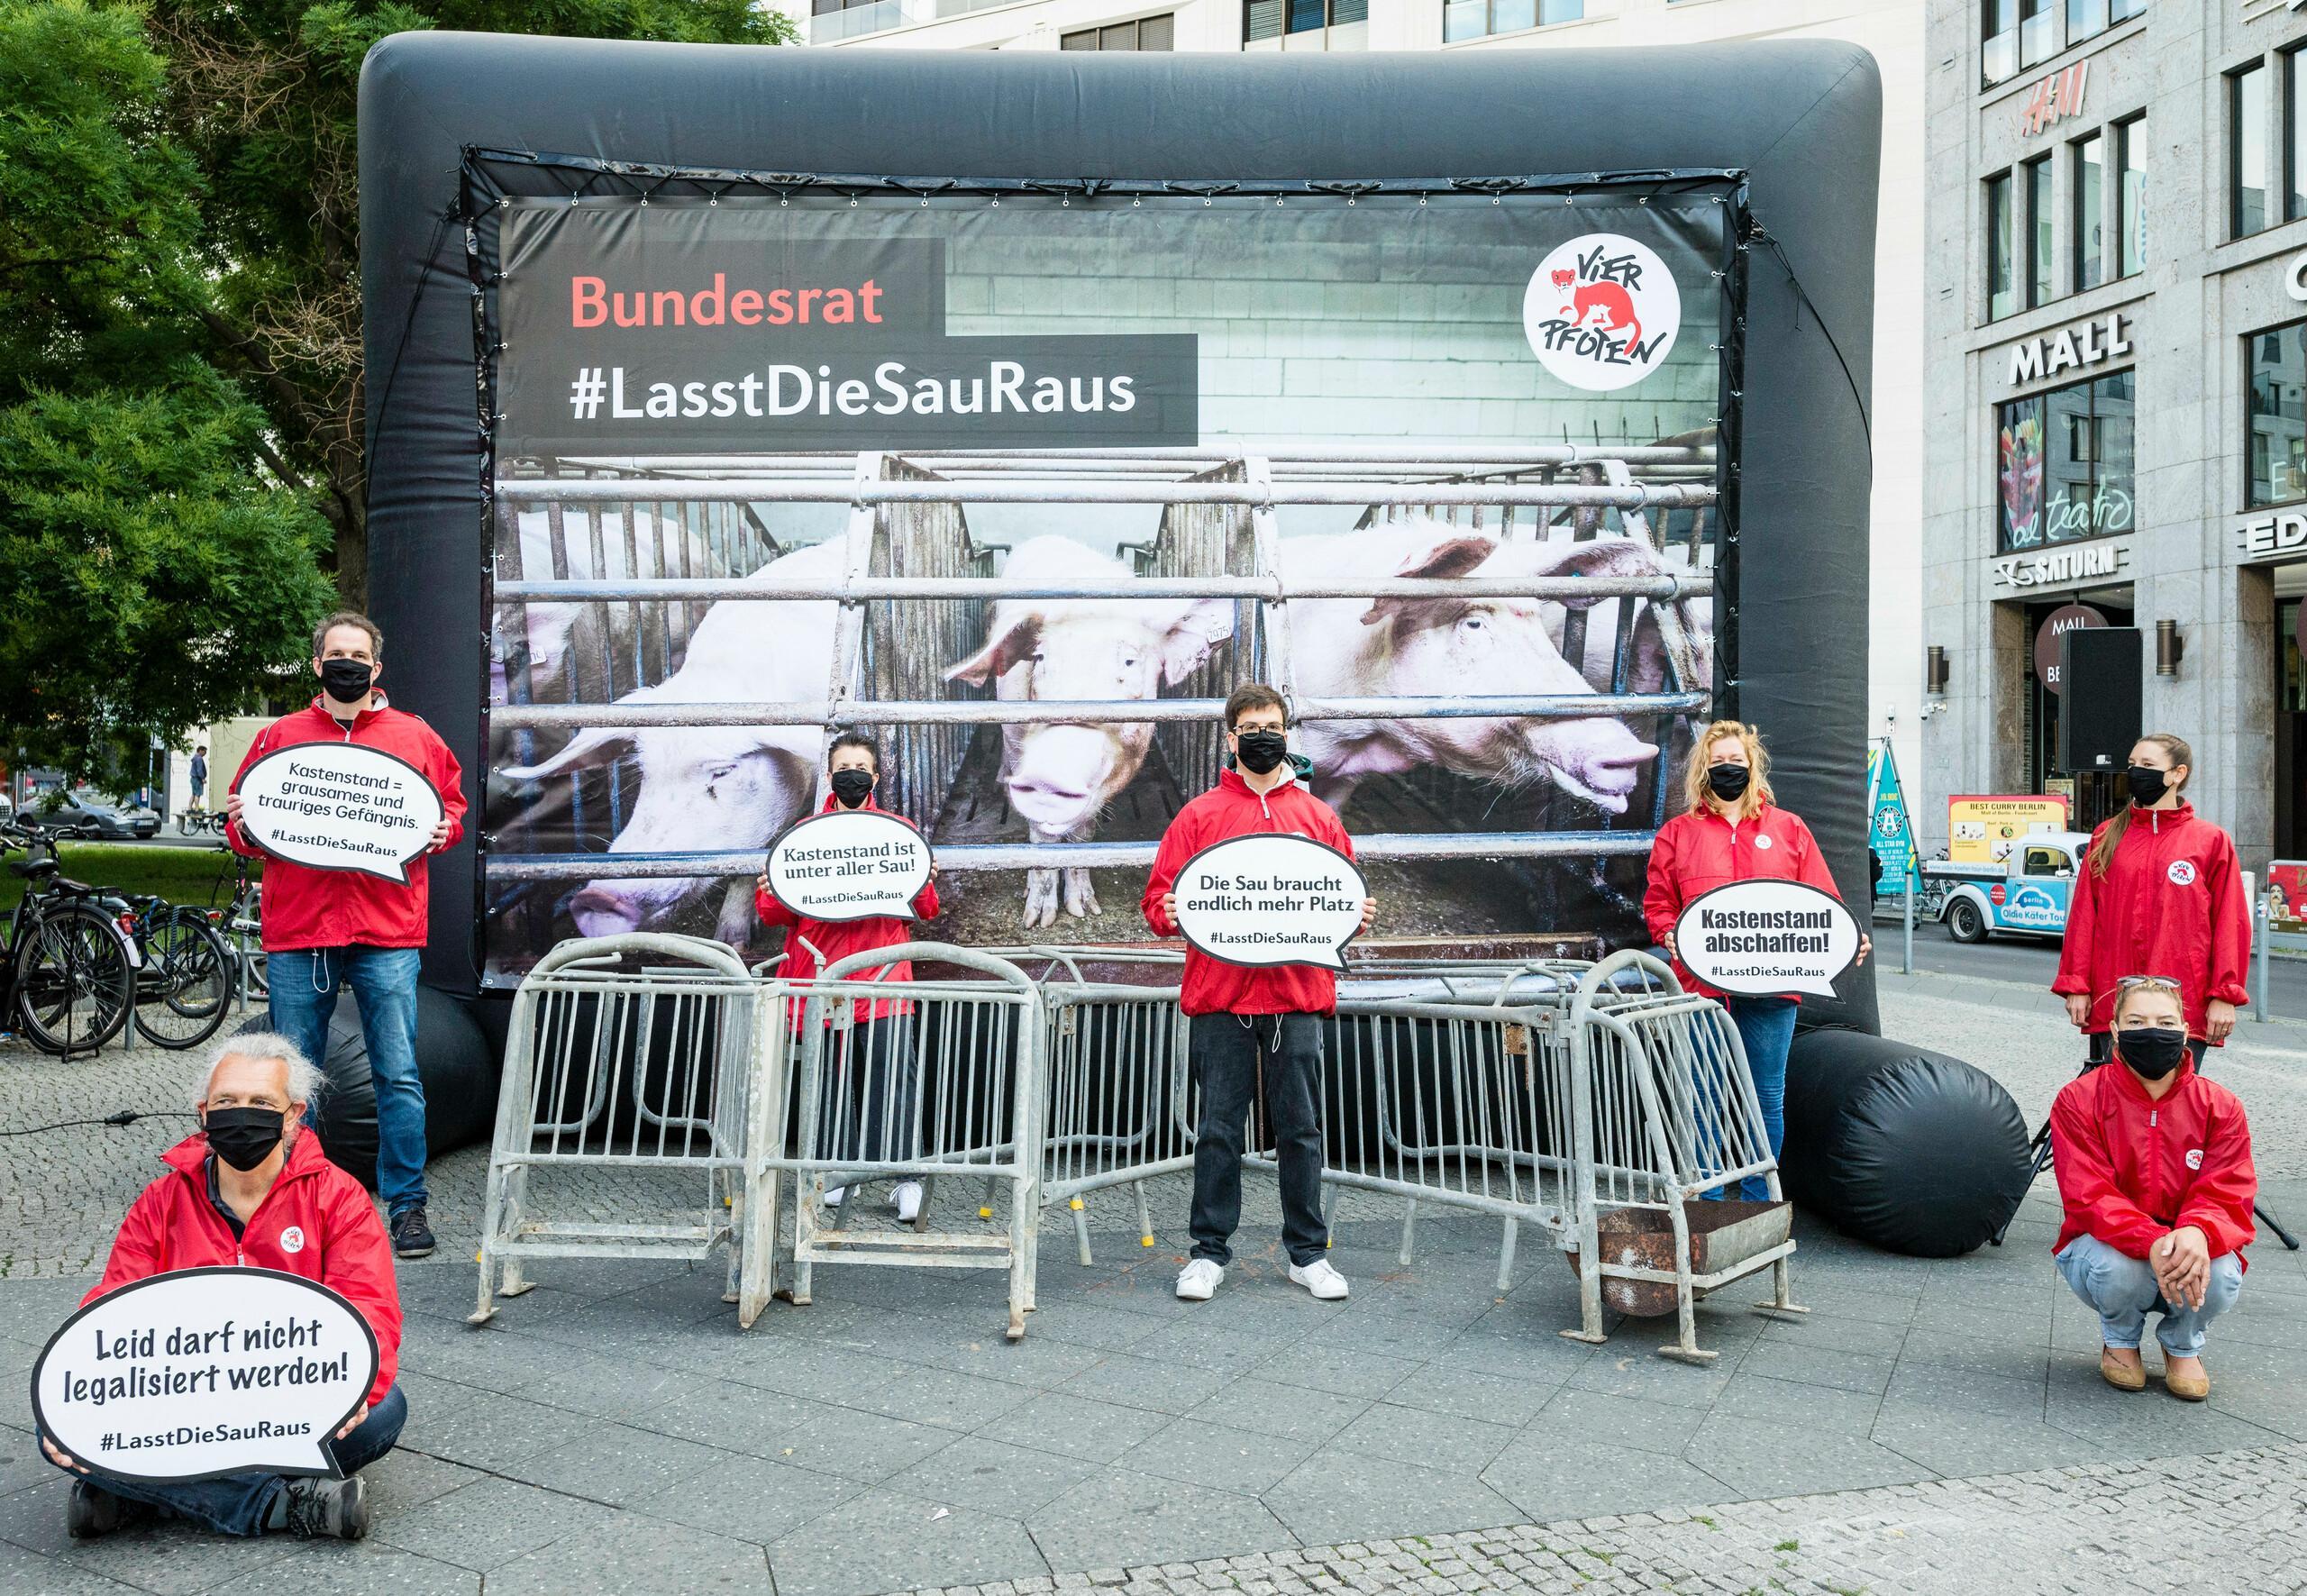 Kastenstand - Protest-Aktion vor dem Bundesrat 05.06.2020 Berlin